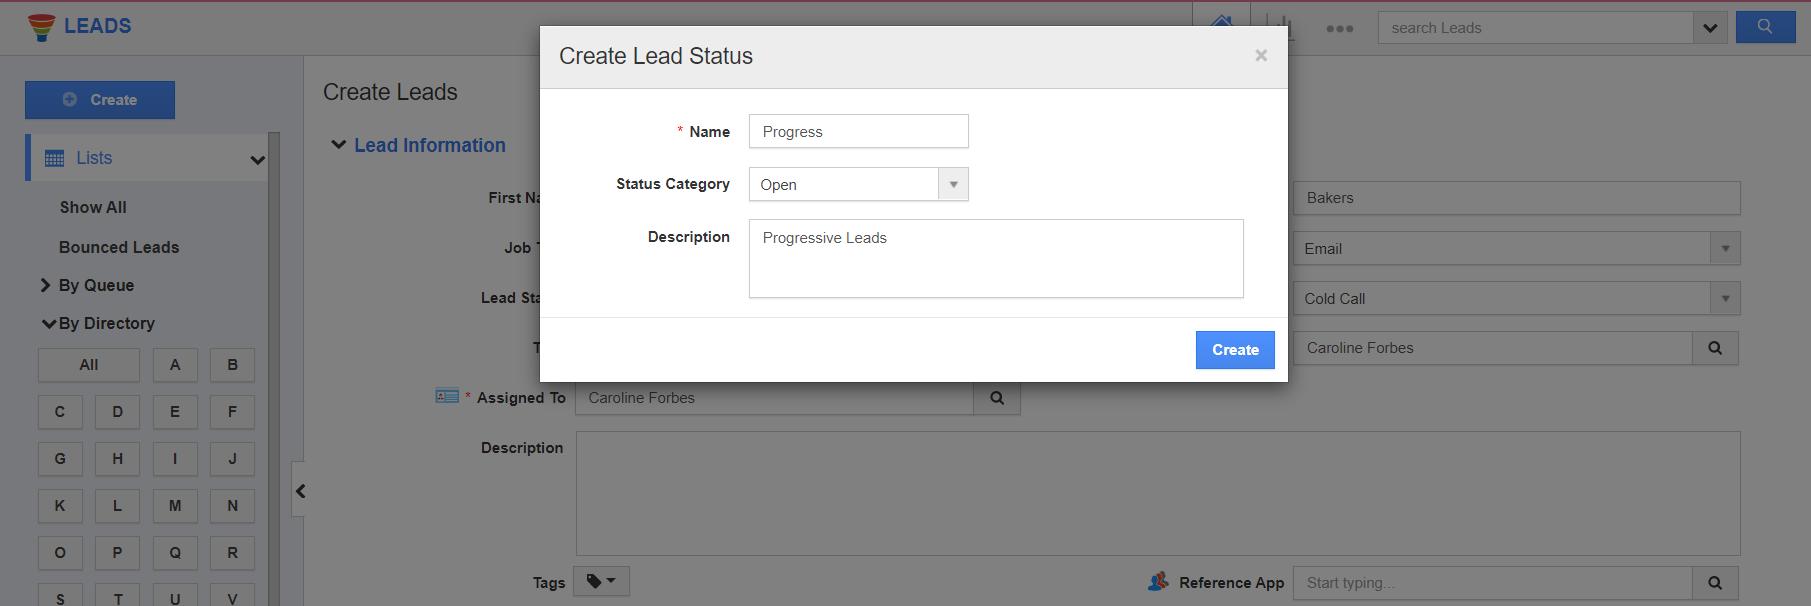 Create Lead Status